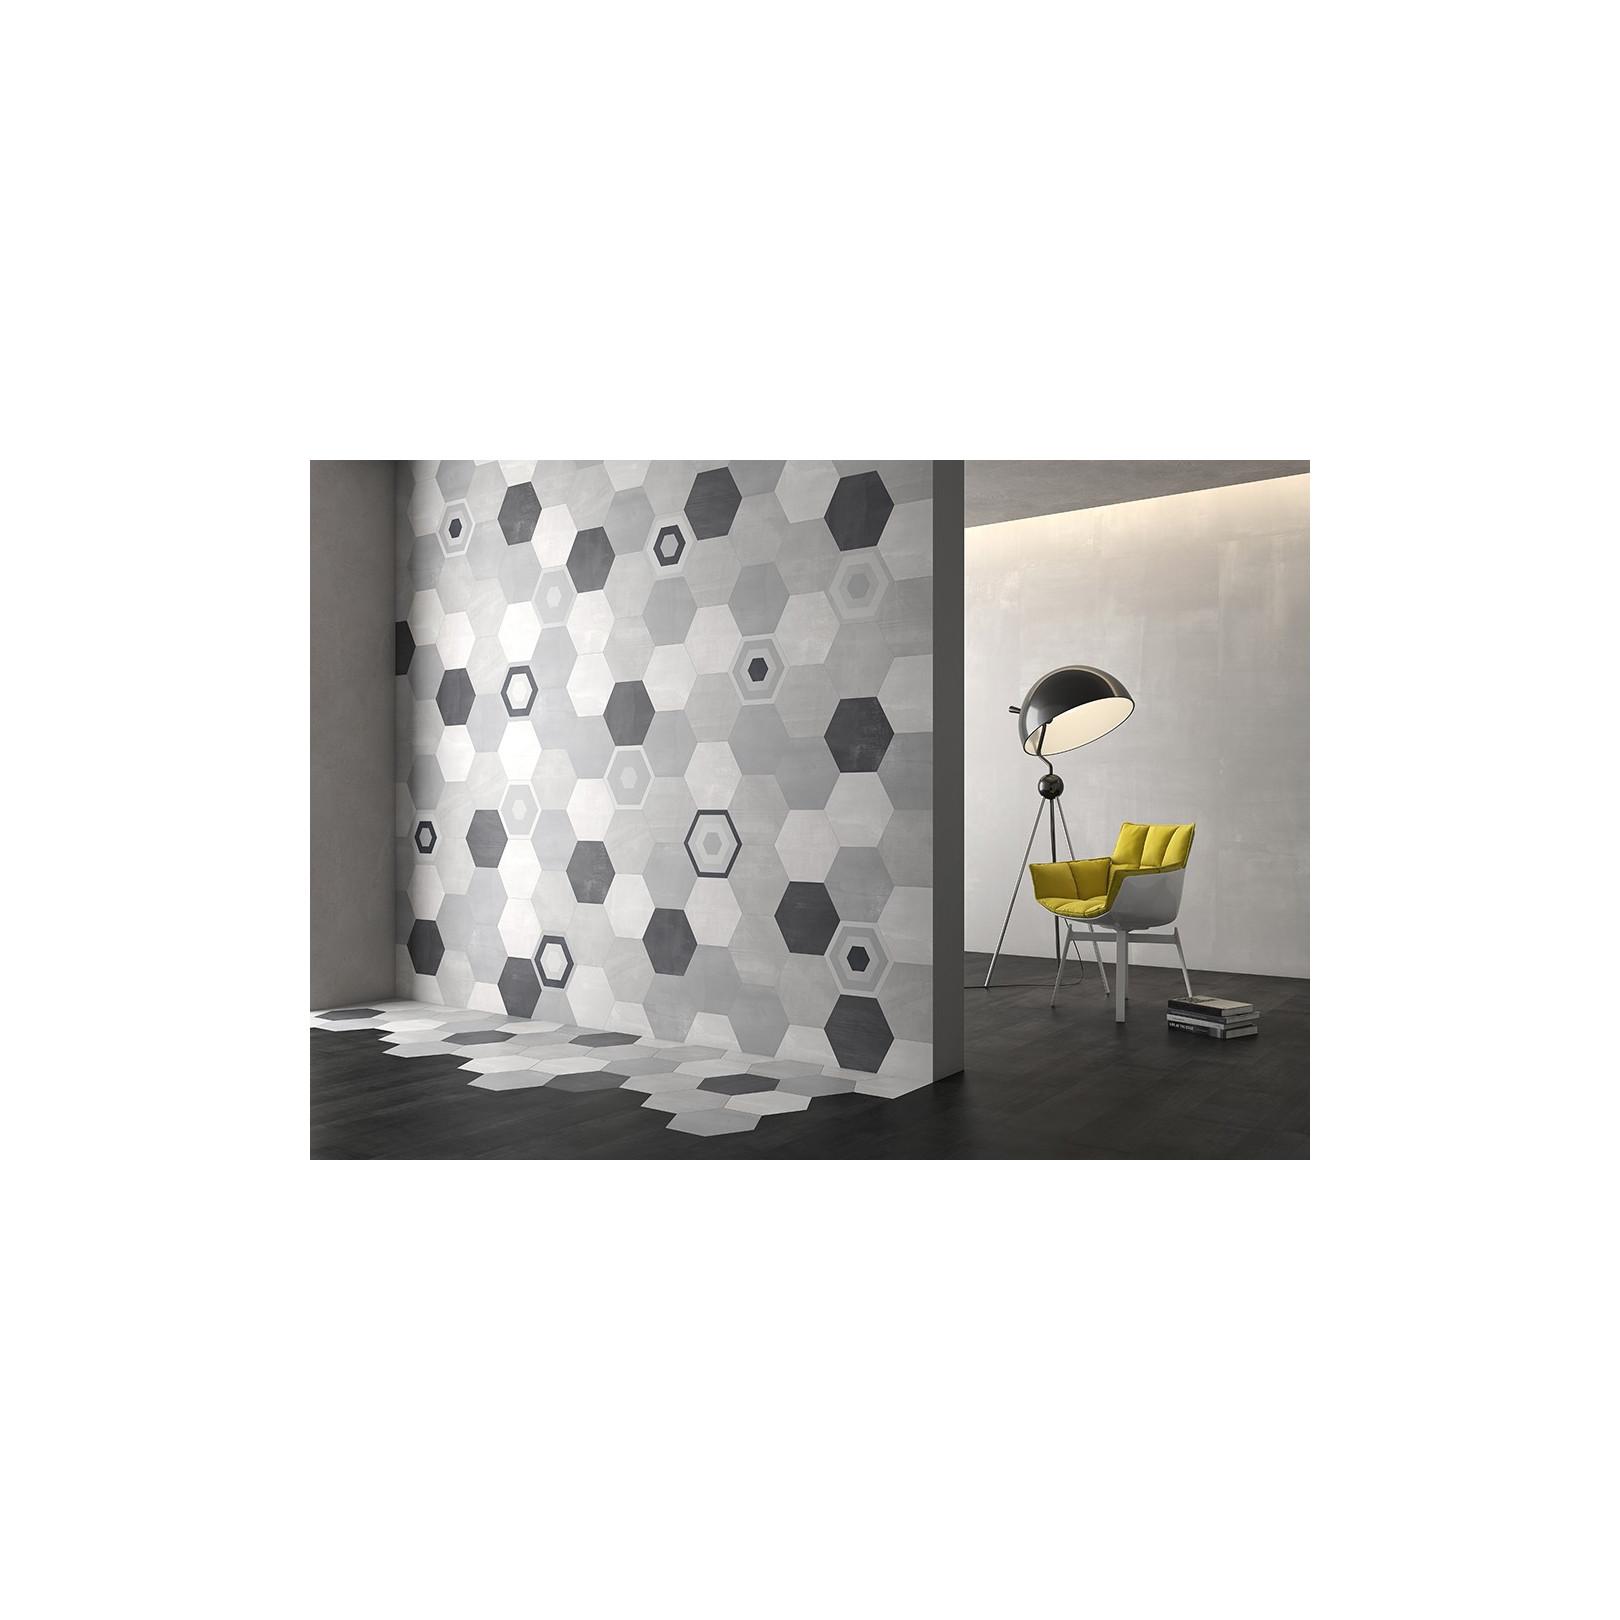 Carrelage grès cérame hexagone Starkhex (5 couleurs), 29x25,8cm